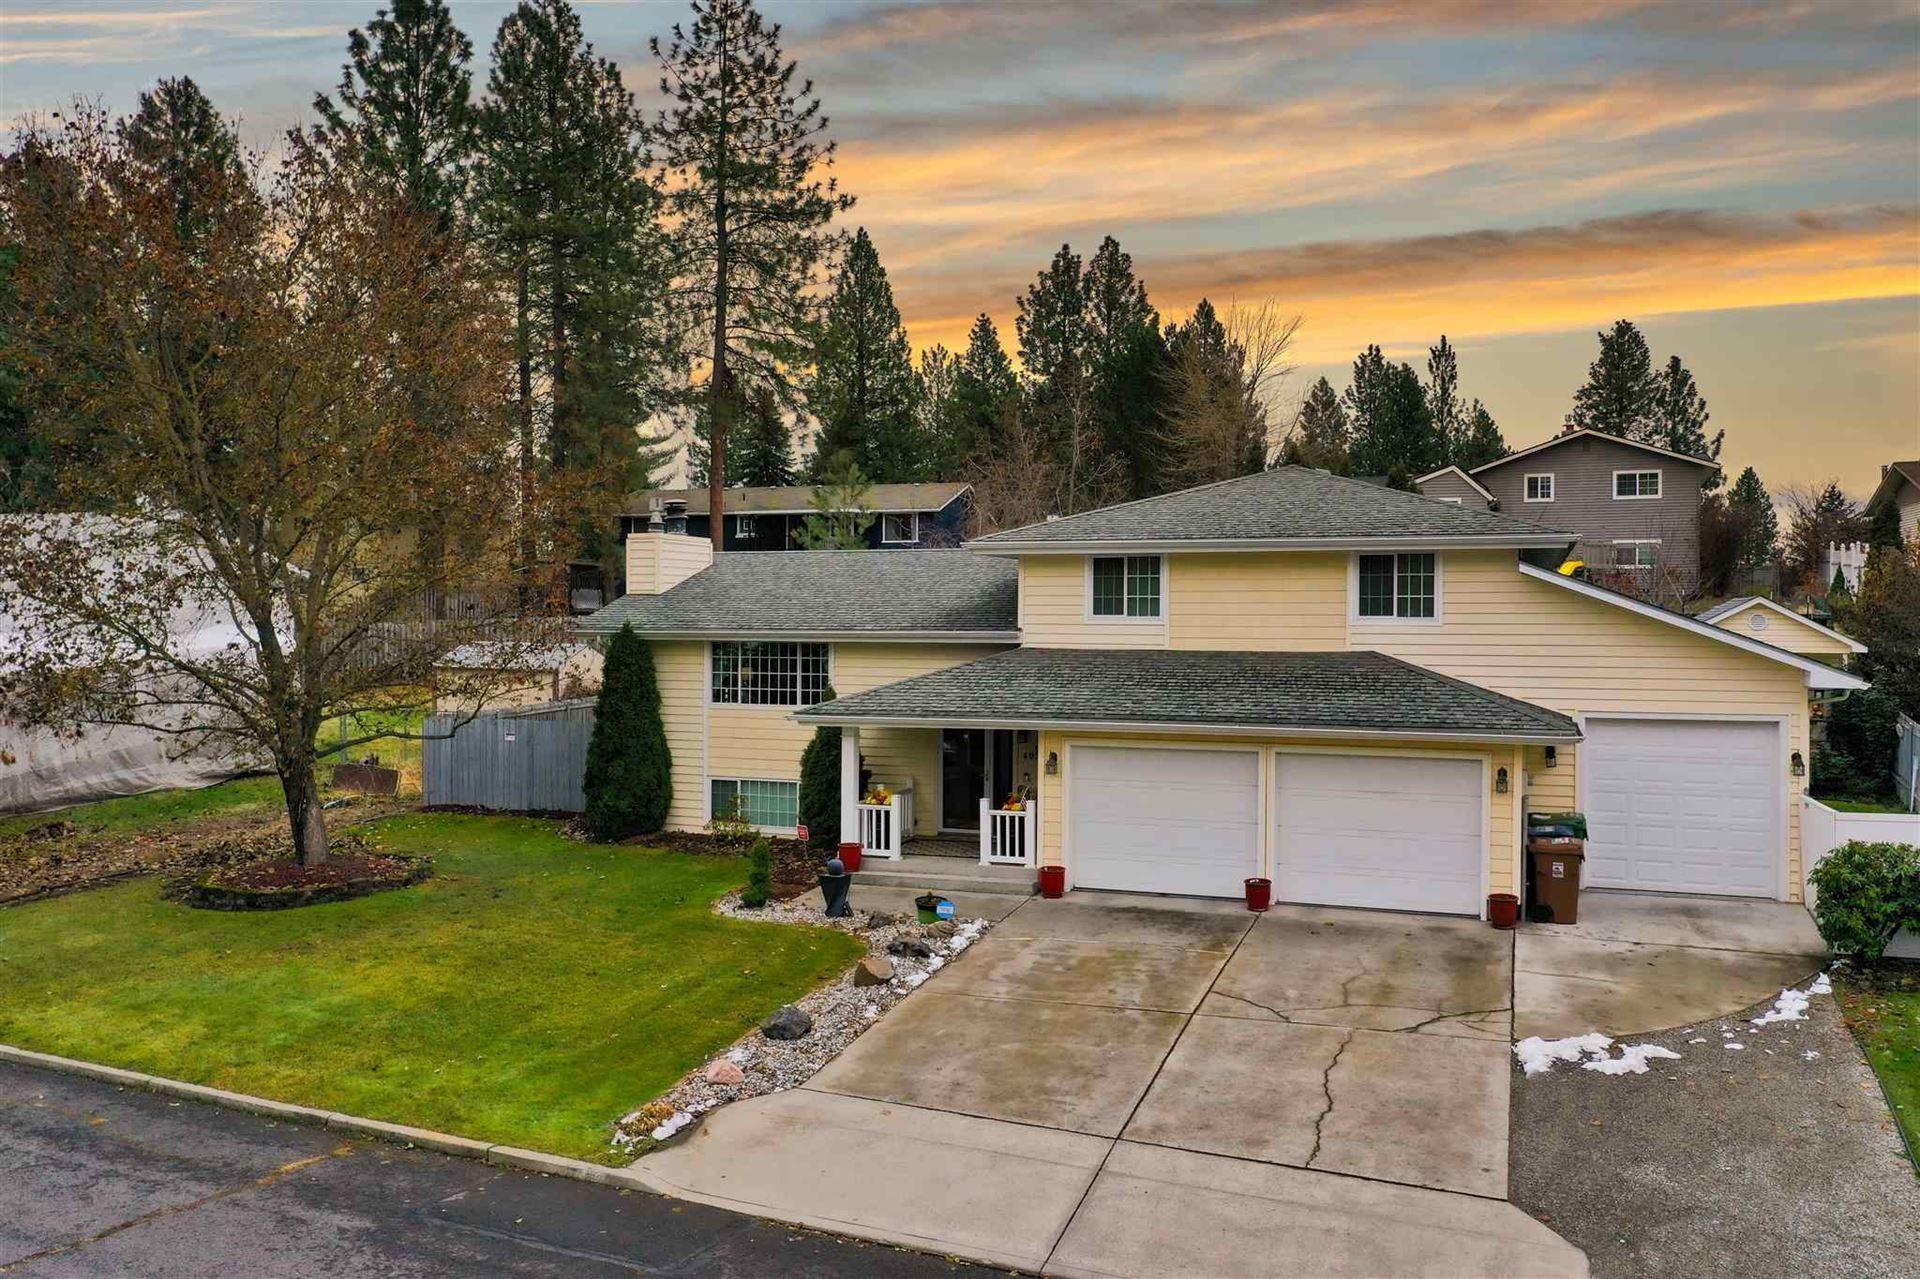 402 E Saint Thomas Moore Way, Spokane, WA 99208 - #: 202110649